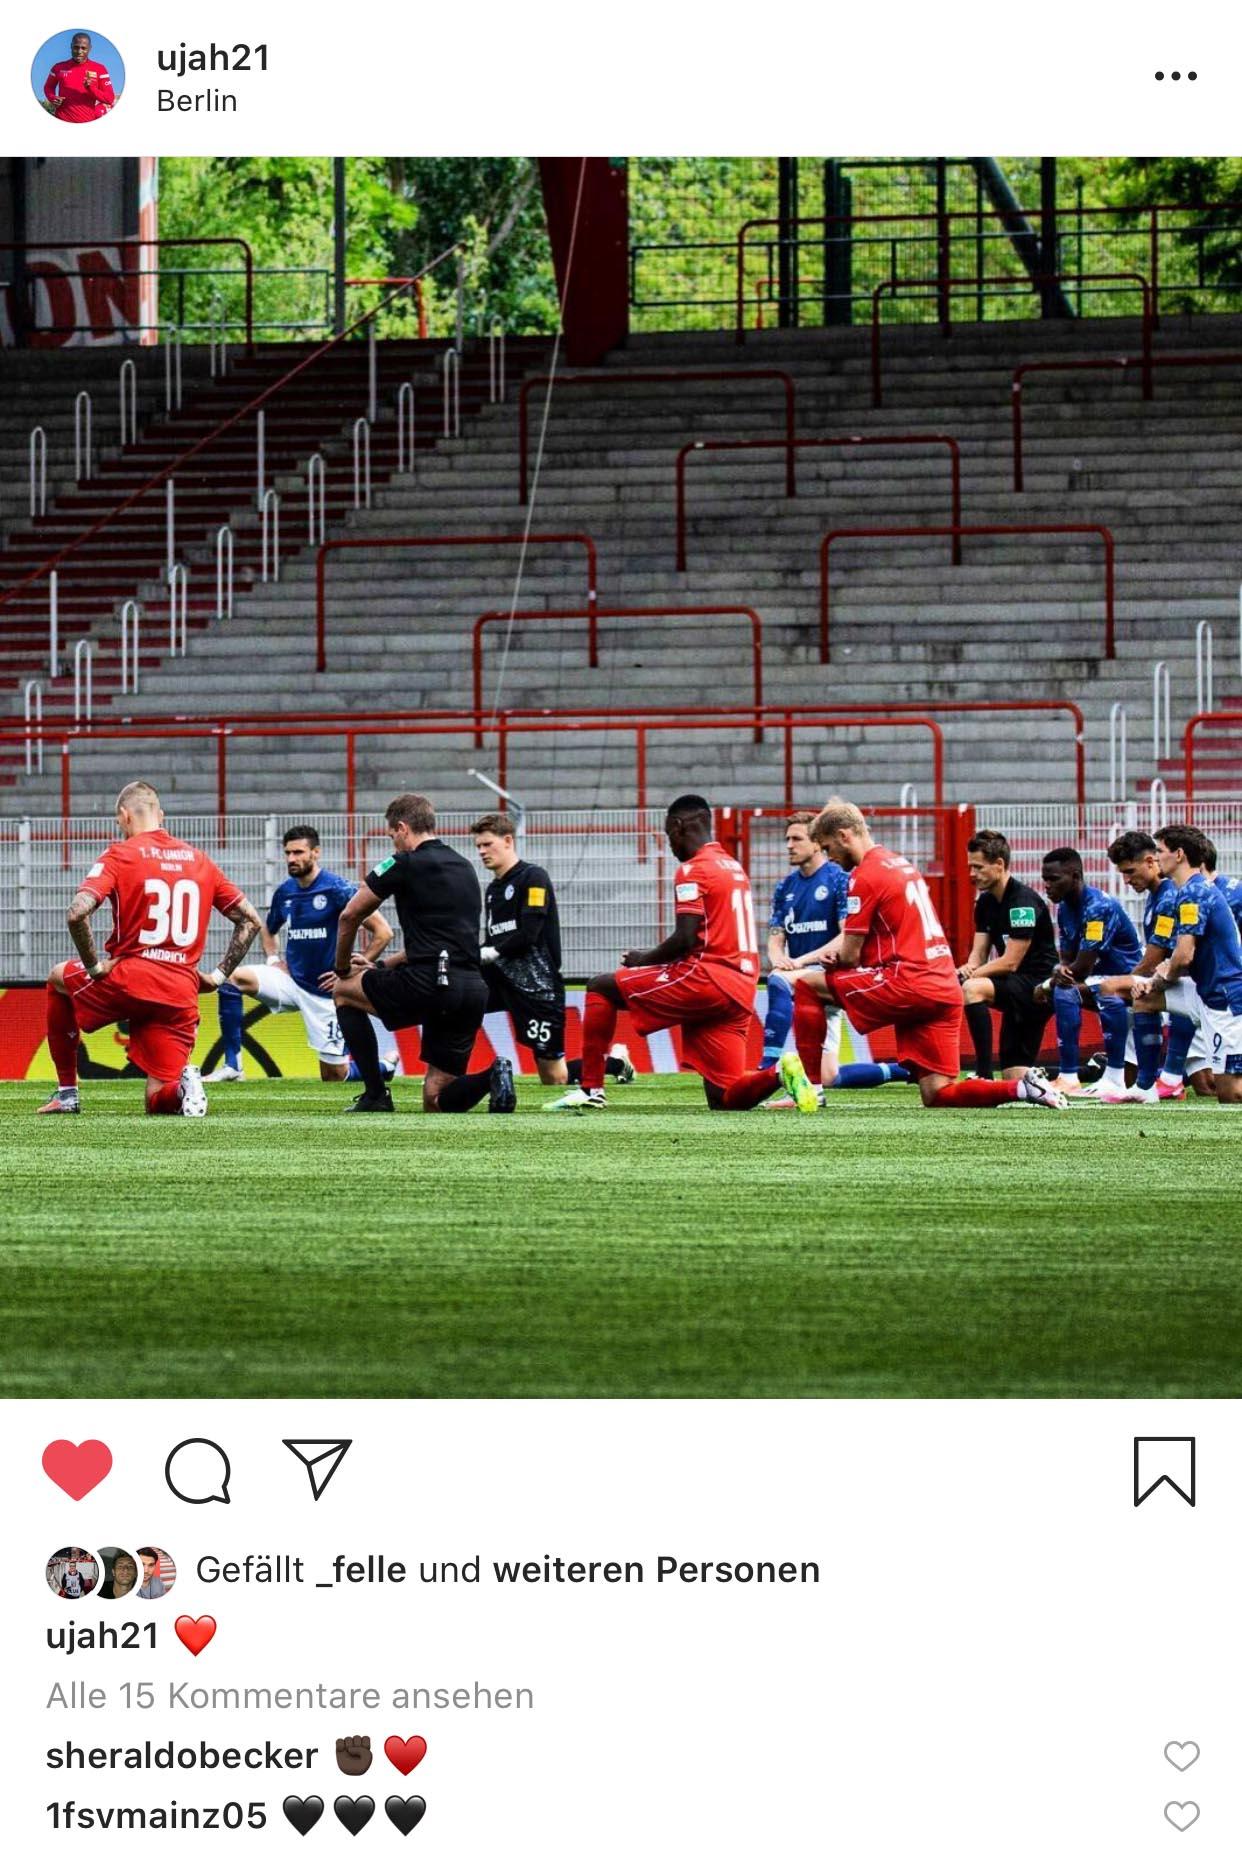 """Anthony Ujah postete auf Instagram, wie Mannschaften und Spieler vor Anpfiff am Mittelkreis knieten, Instagram: <a href=""""https://www.instagram.com/p/CBLum35D8Yo/"""" target=""""_blank"""" rel=""""noopener"""">@ujah21</a>"""